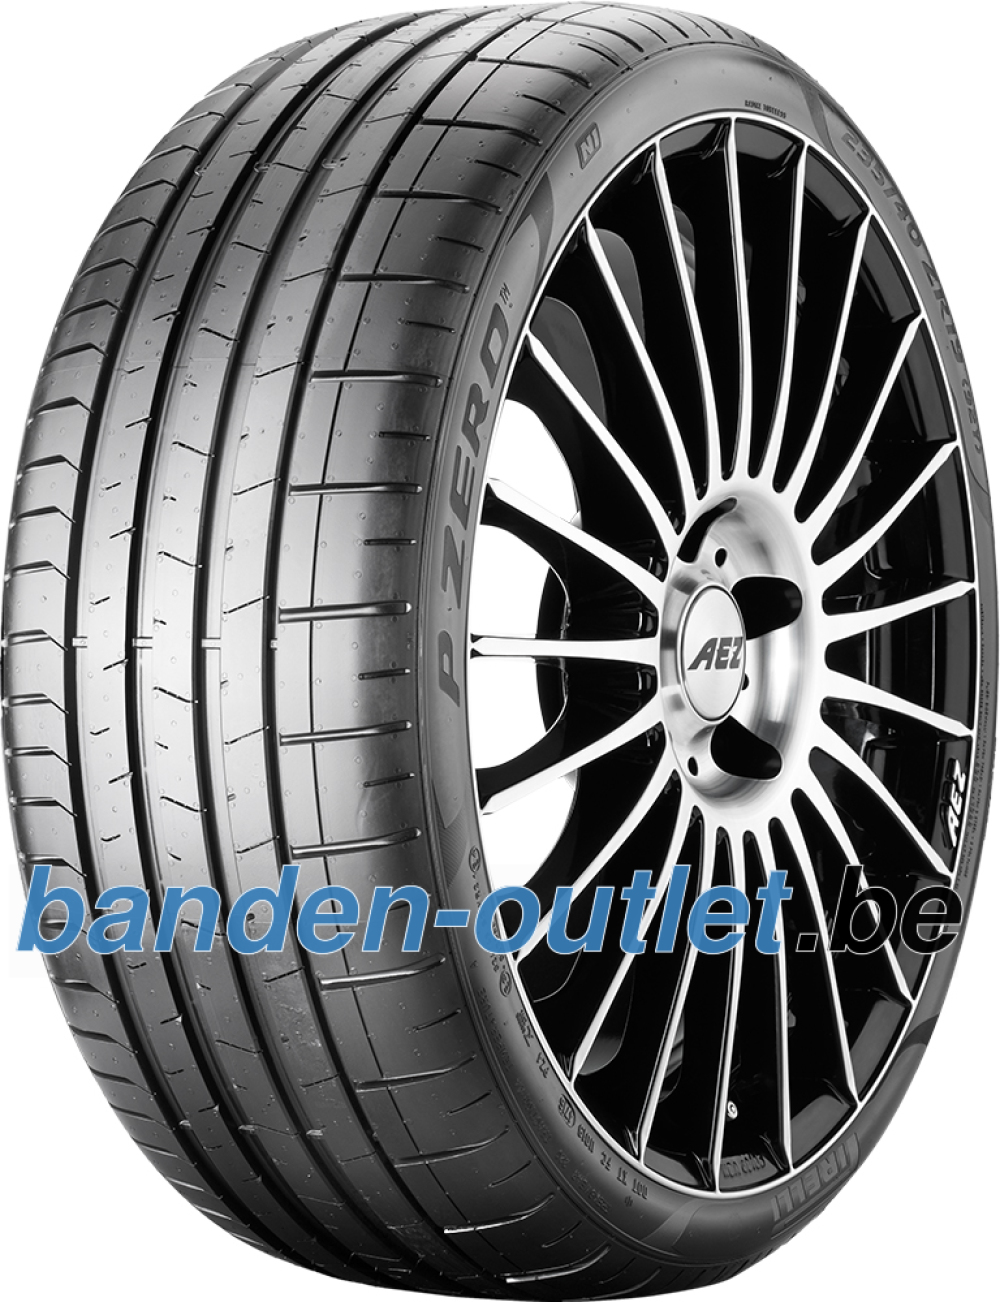 Pirelli P Zero SC ( 285/35 ZR20 (104Y) XL PNCS, MC )